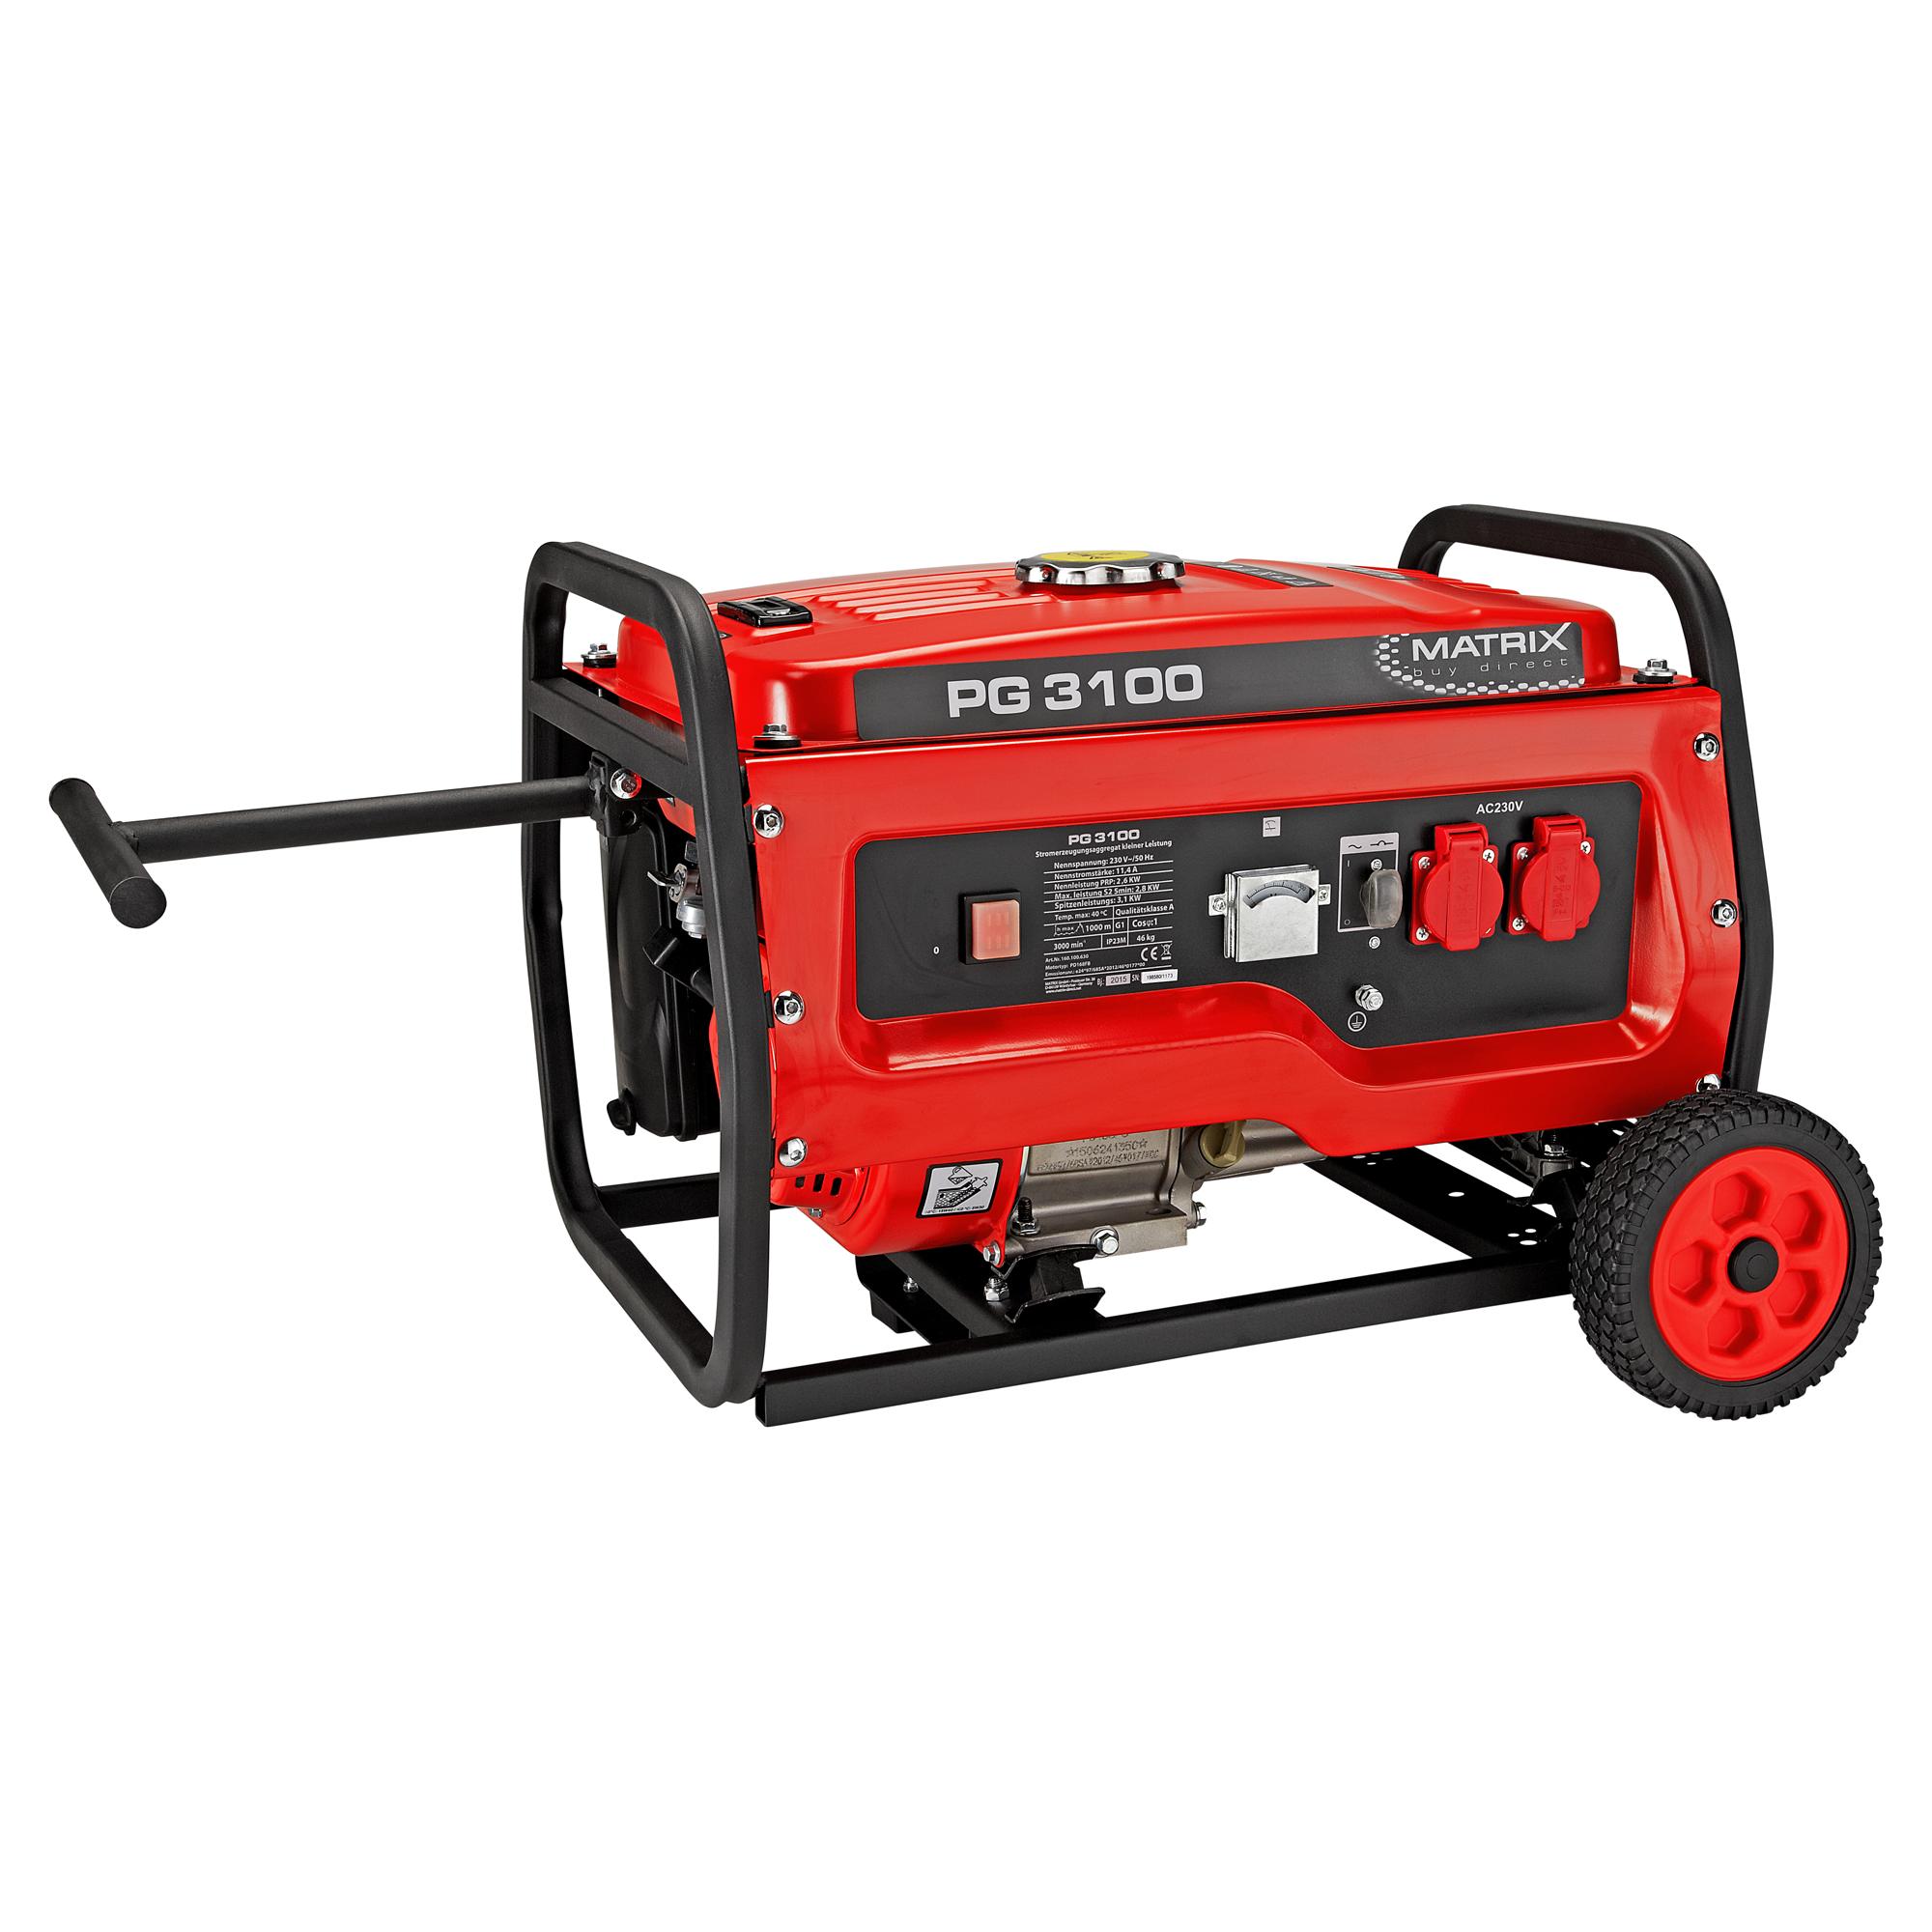 stromgenerator pg 3100 ǀ toom baumarkt